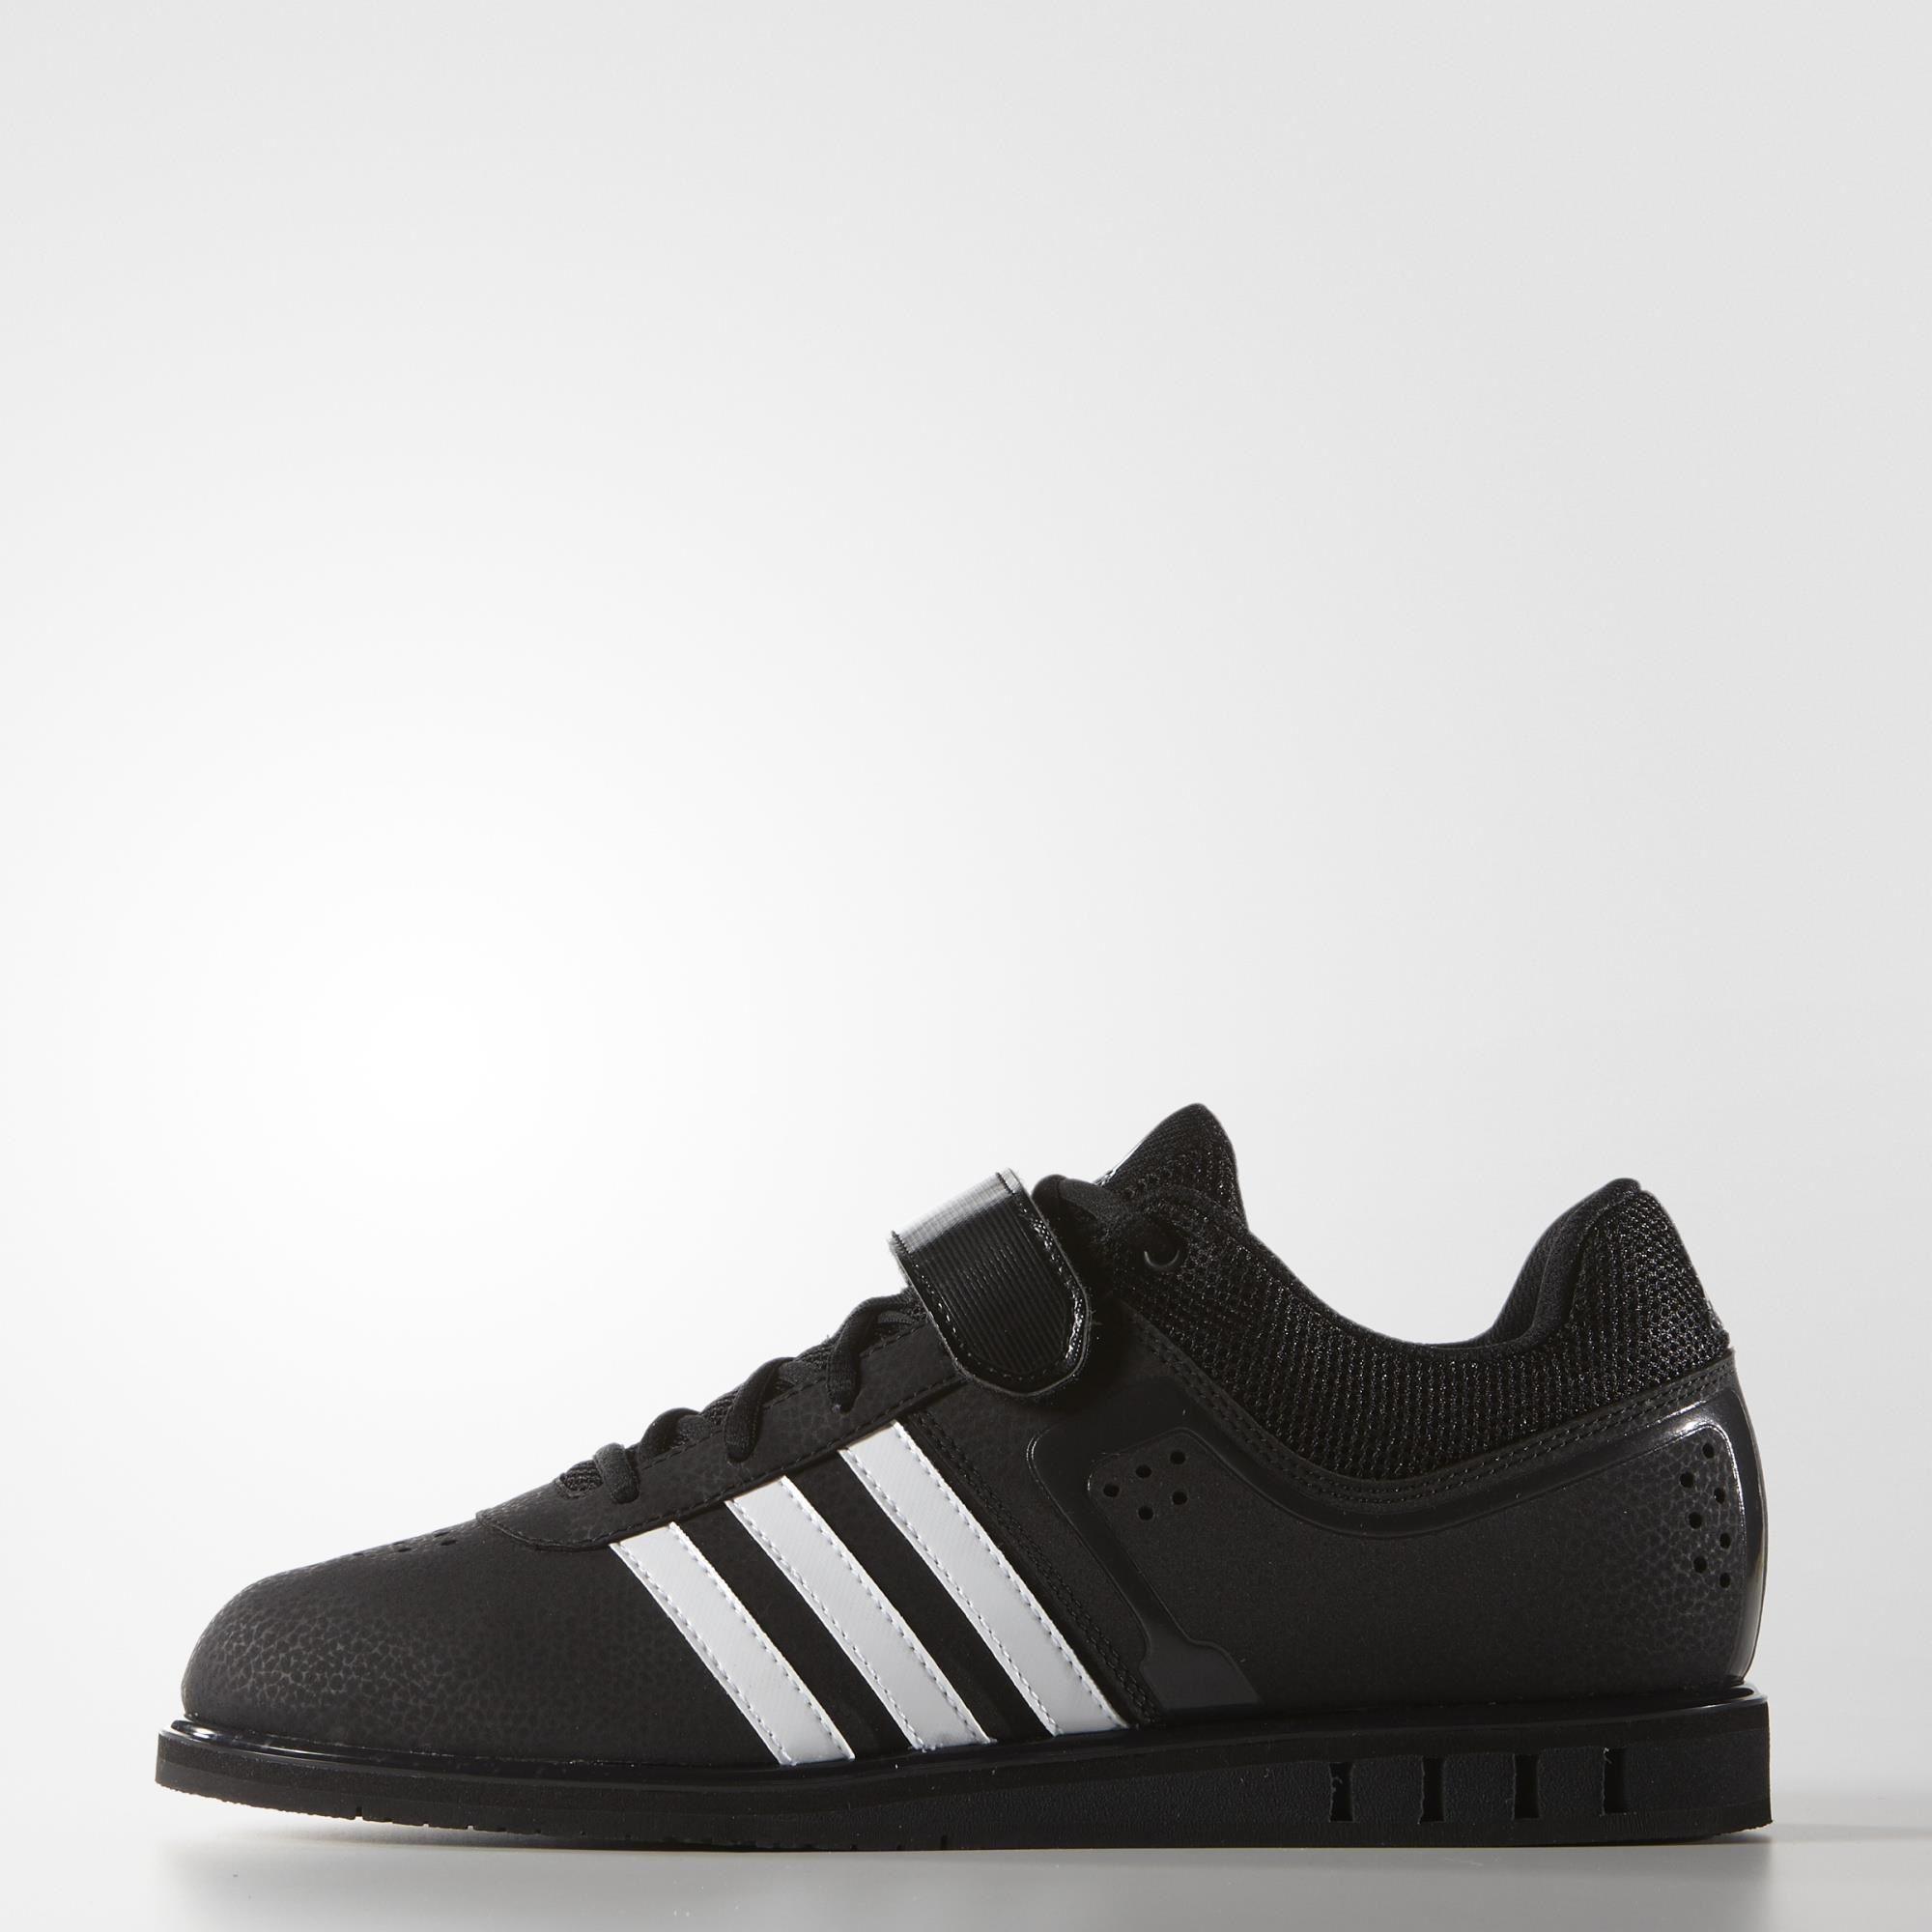 adidas Powerlift 2.0 Shoes - Black | adidas US